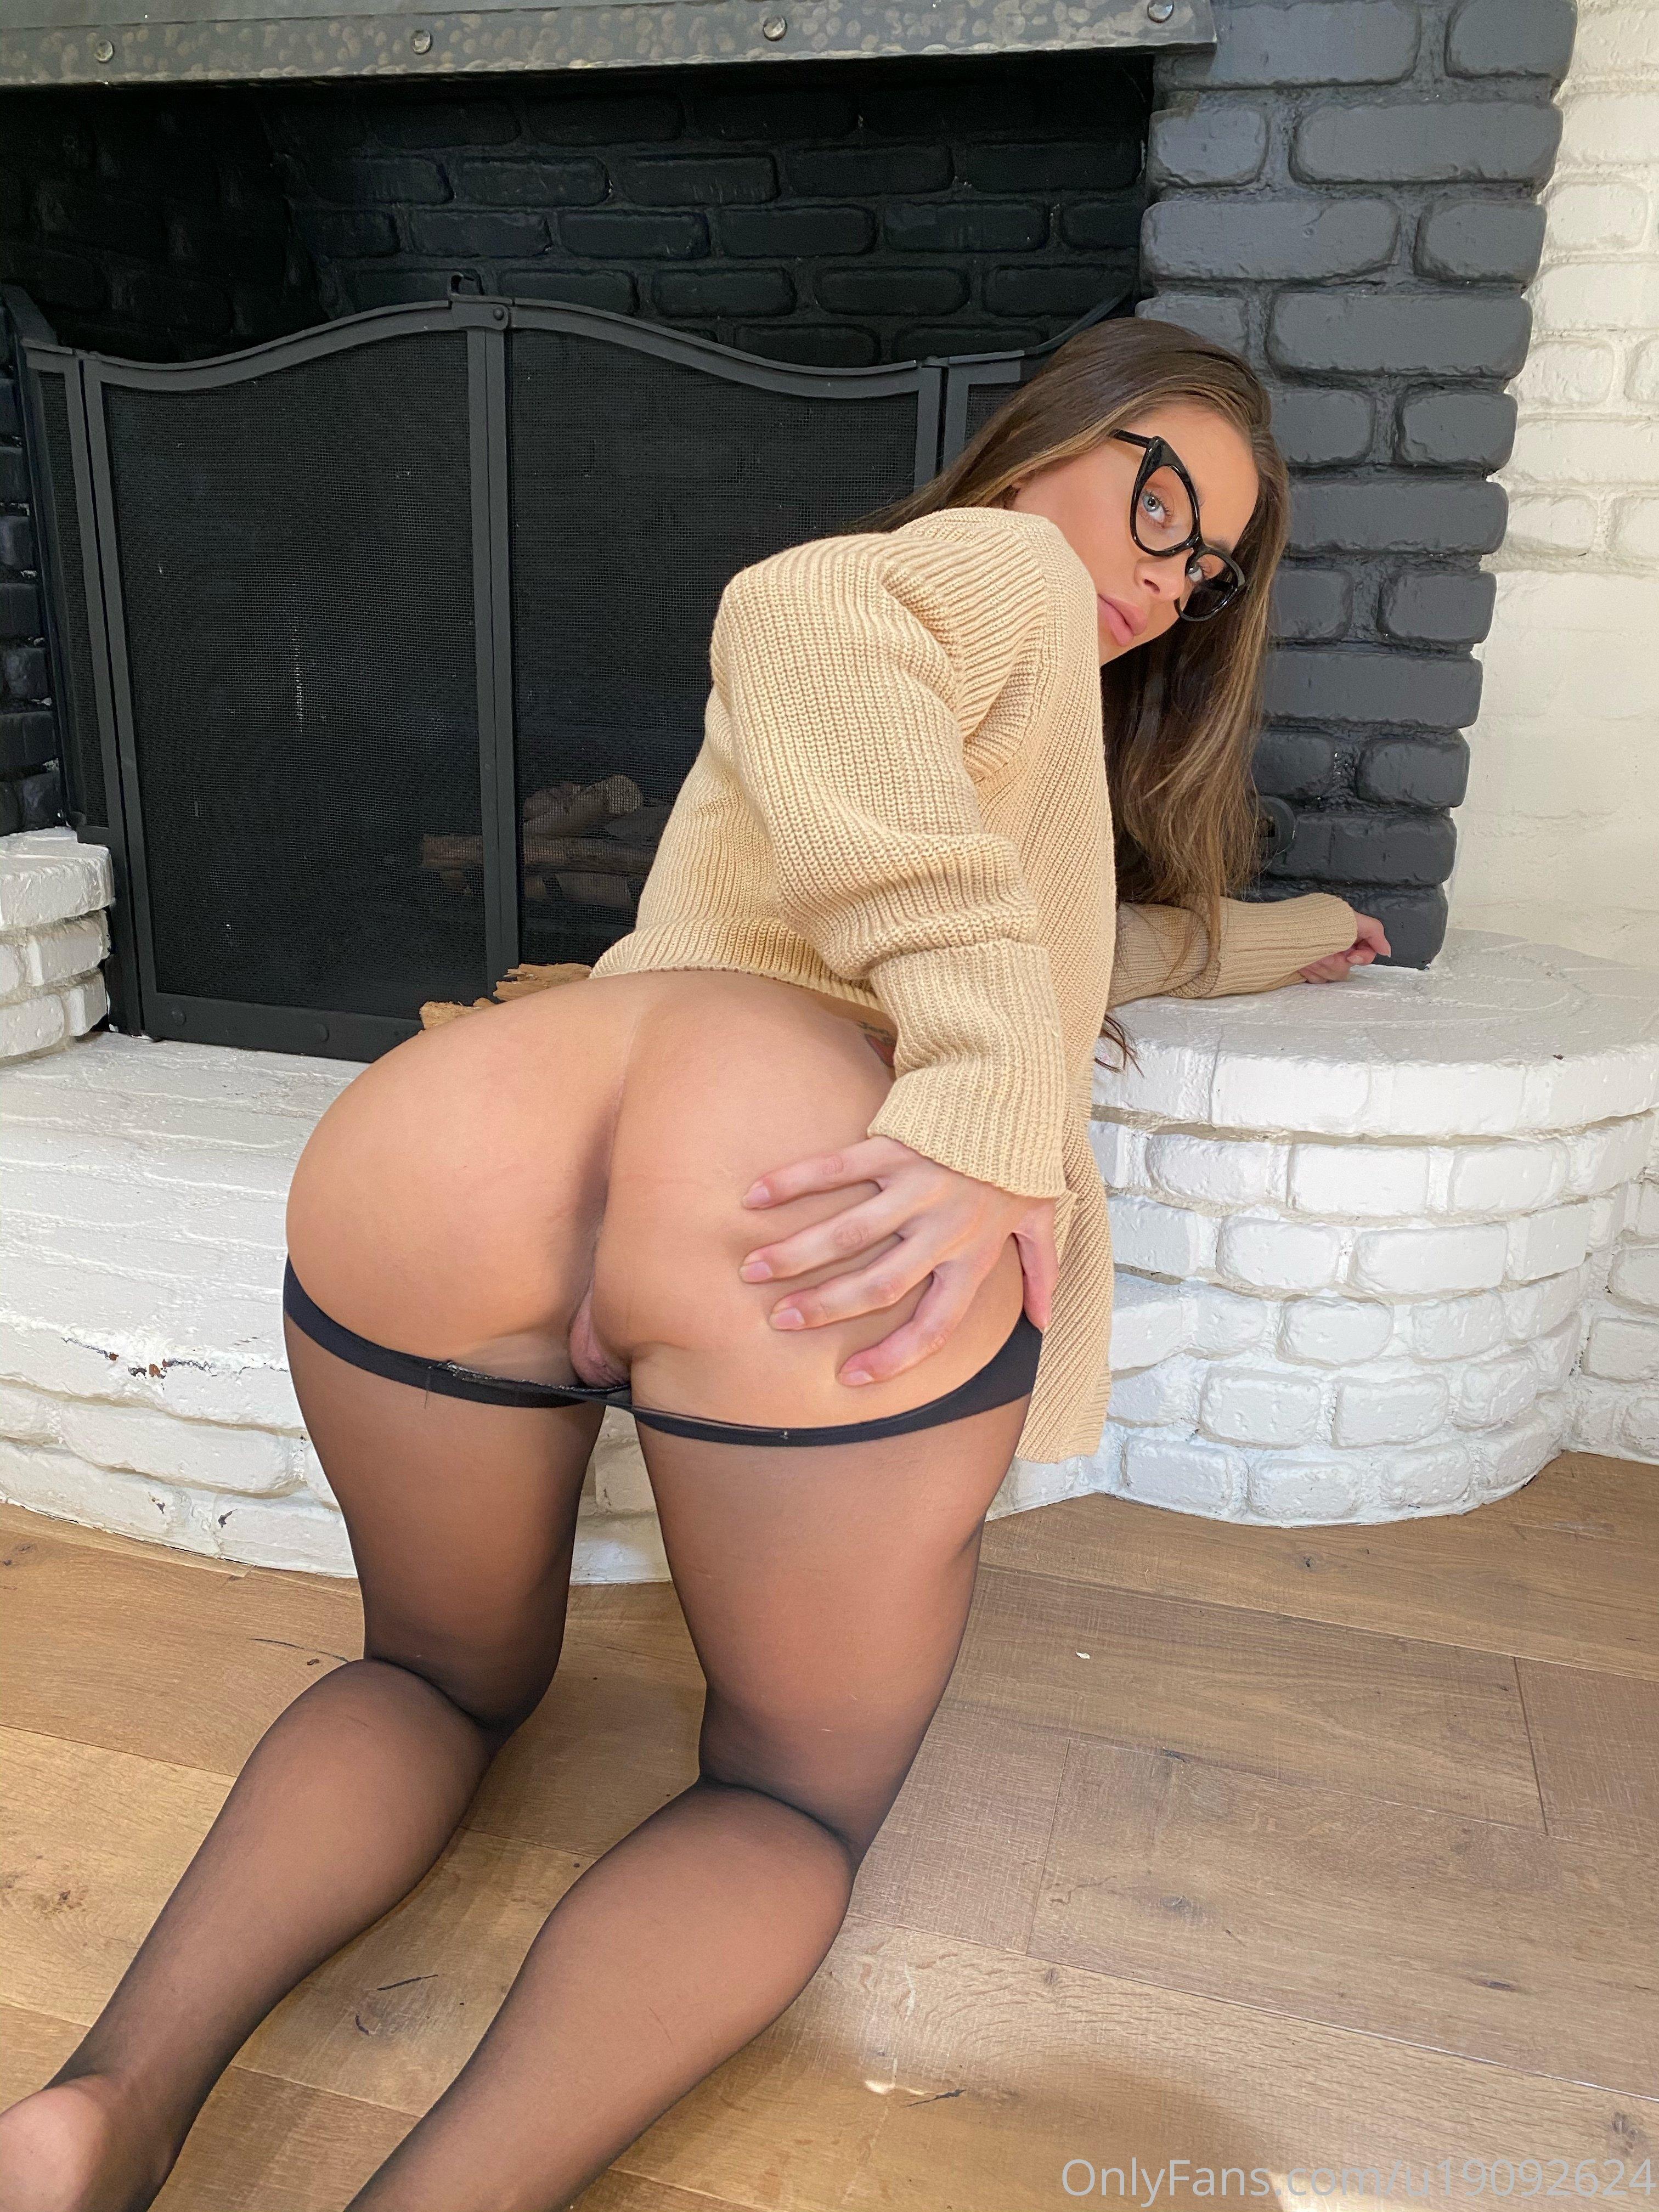 Lana Rhoades, Lanarhoades, Onlyfans Nude Leaks 0031